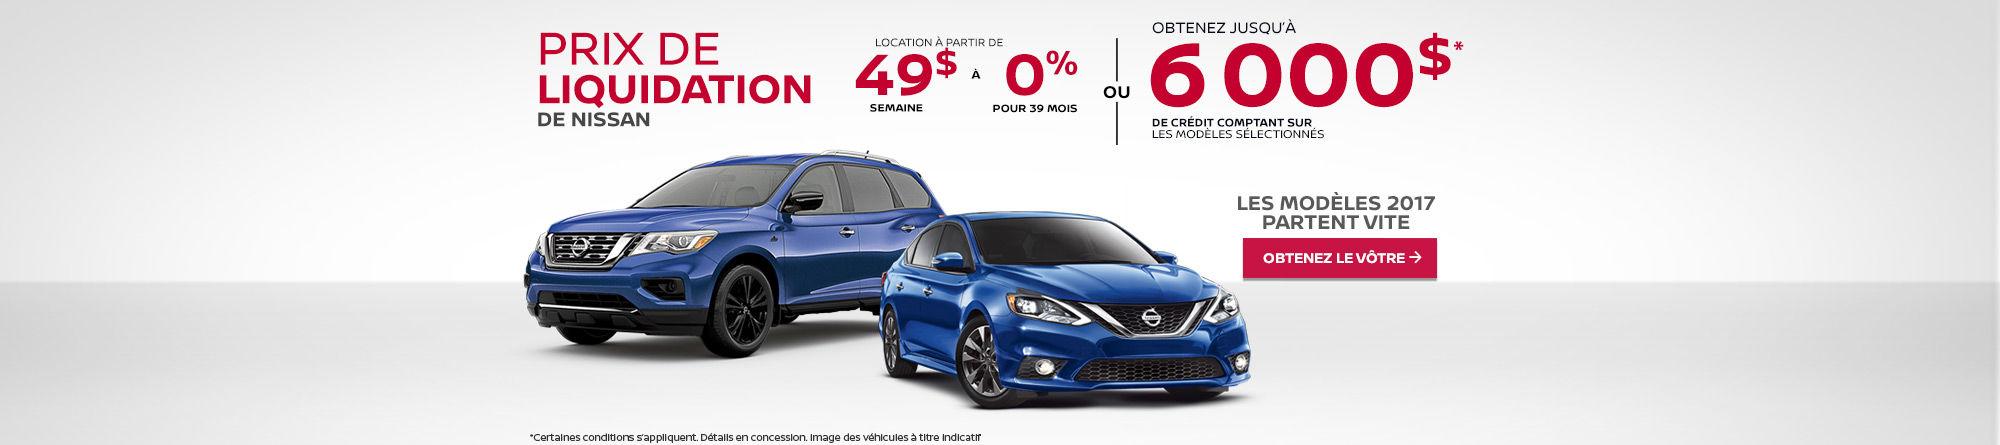 Prix de liquidation de Nissan